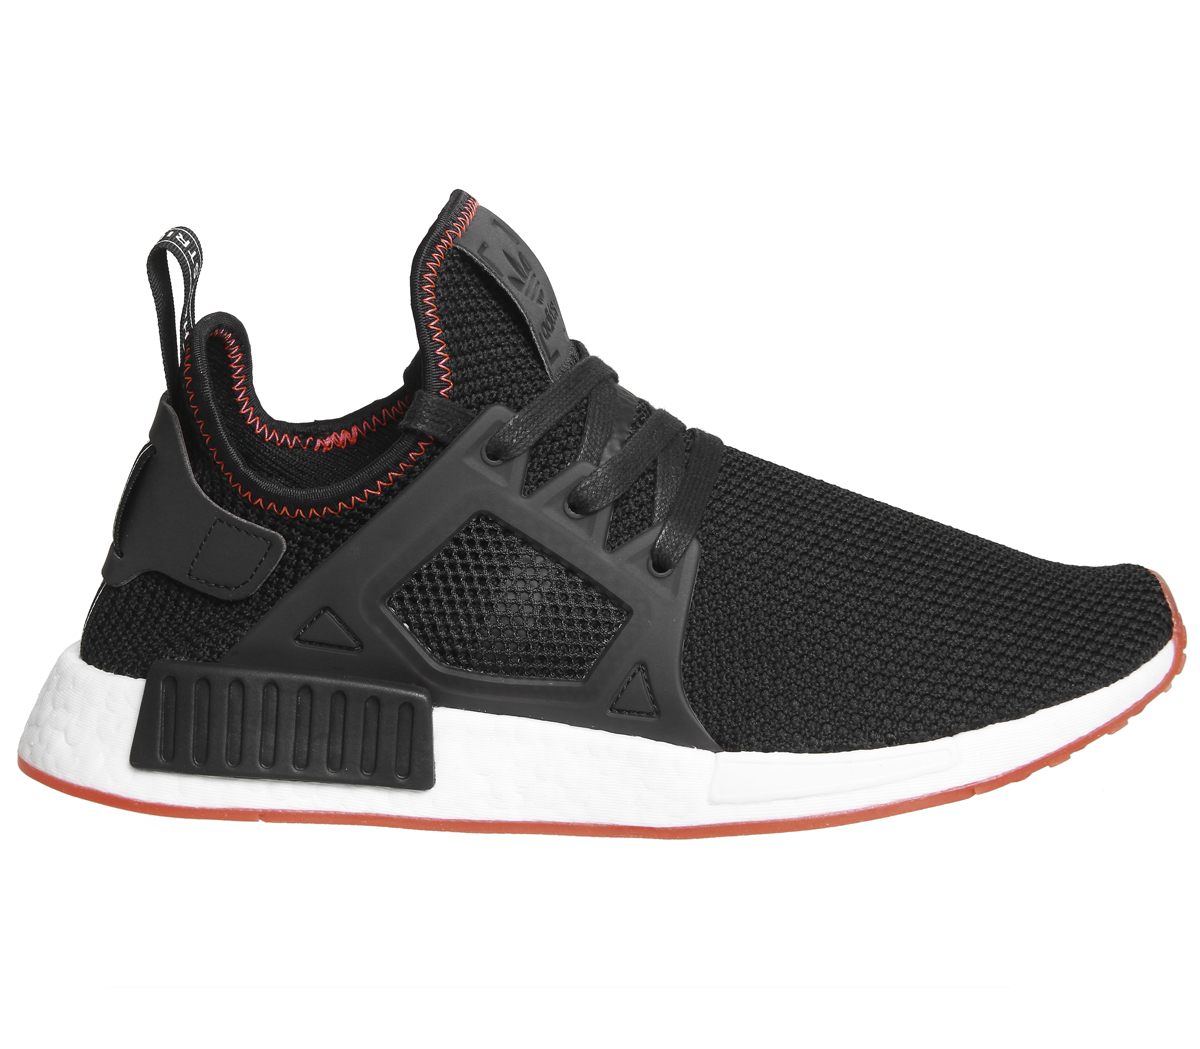 Adidas-Nmd-Xr1-Black-Black-Scarpe-da-ginnastica-Solar-Red